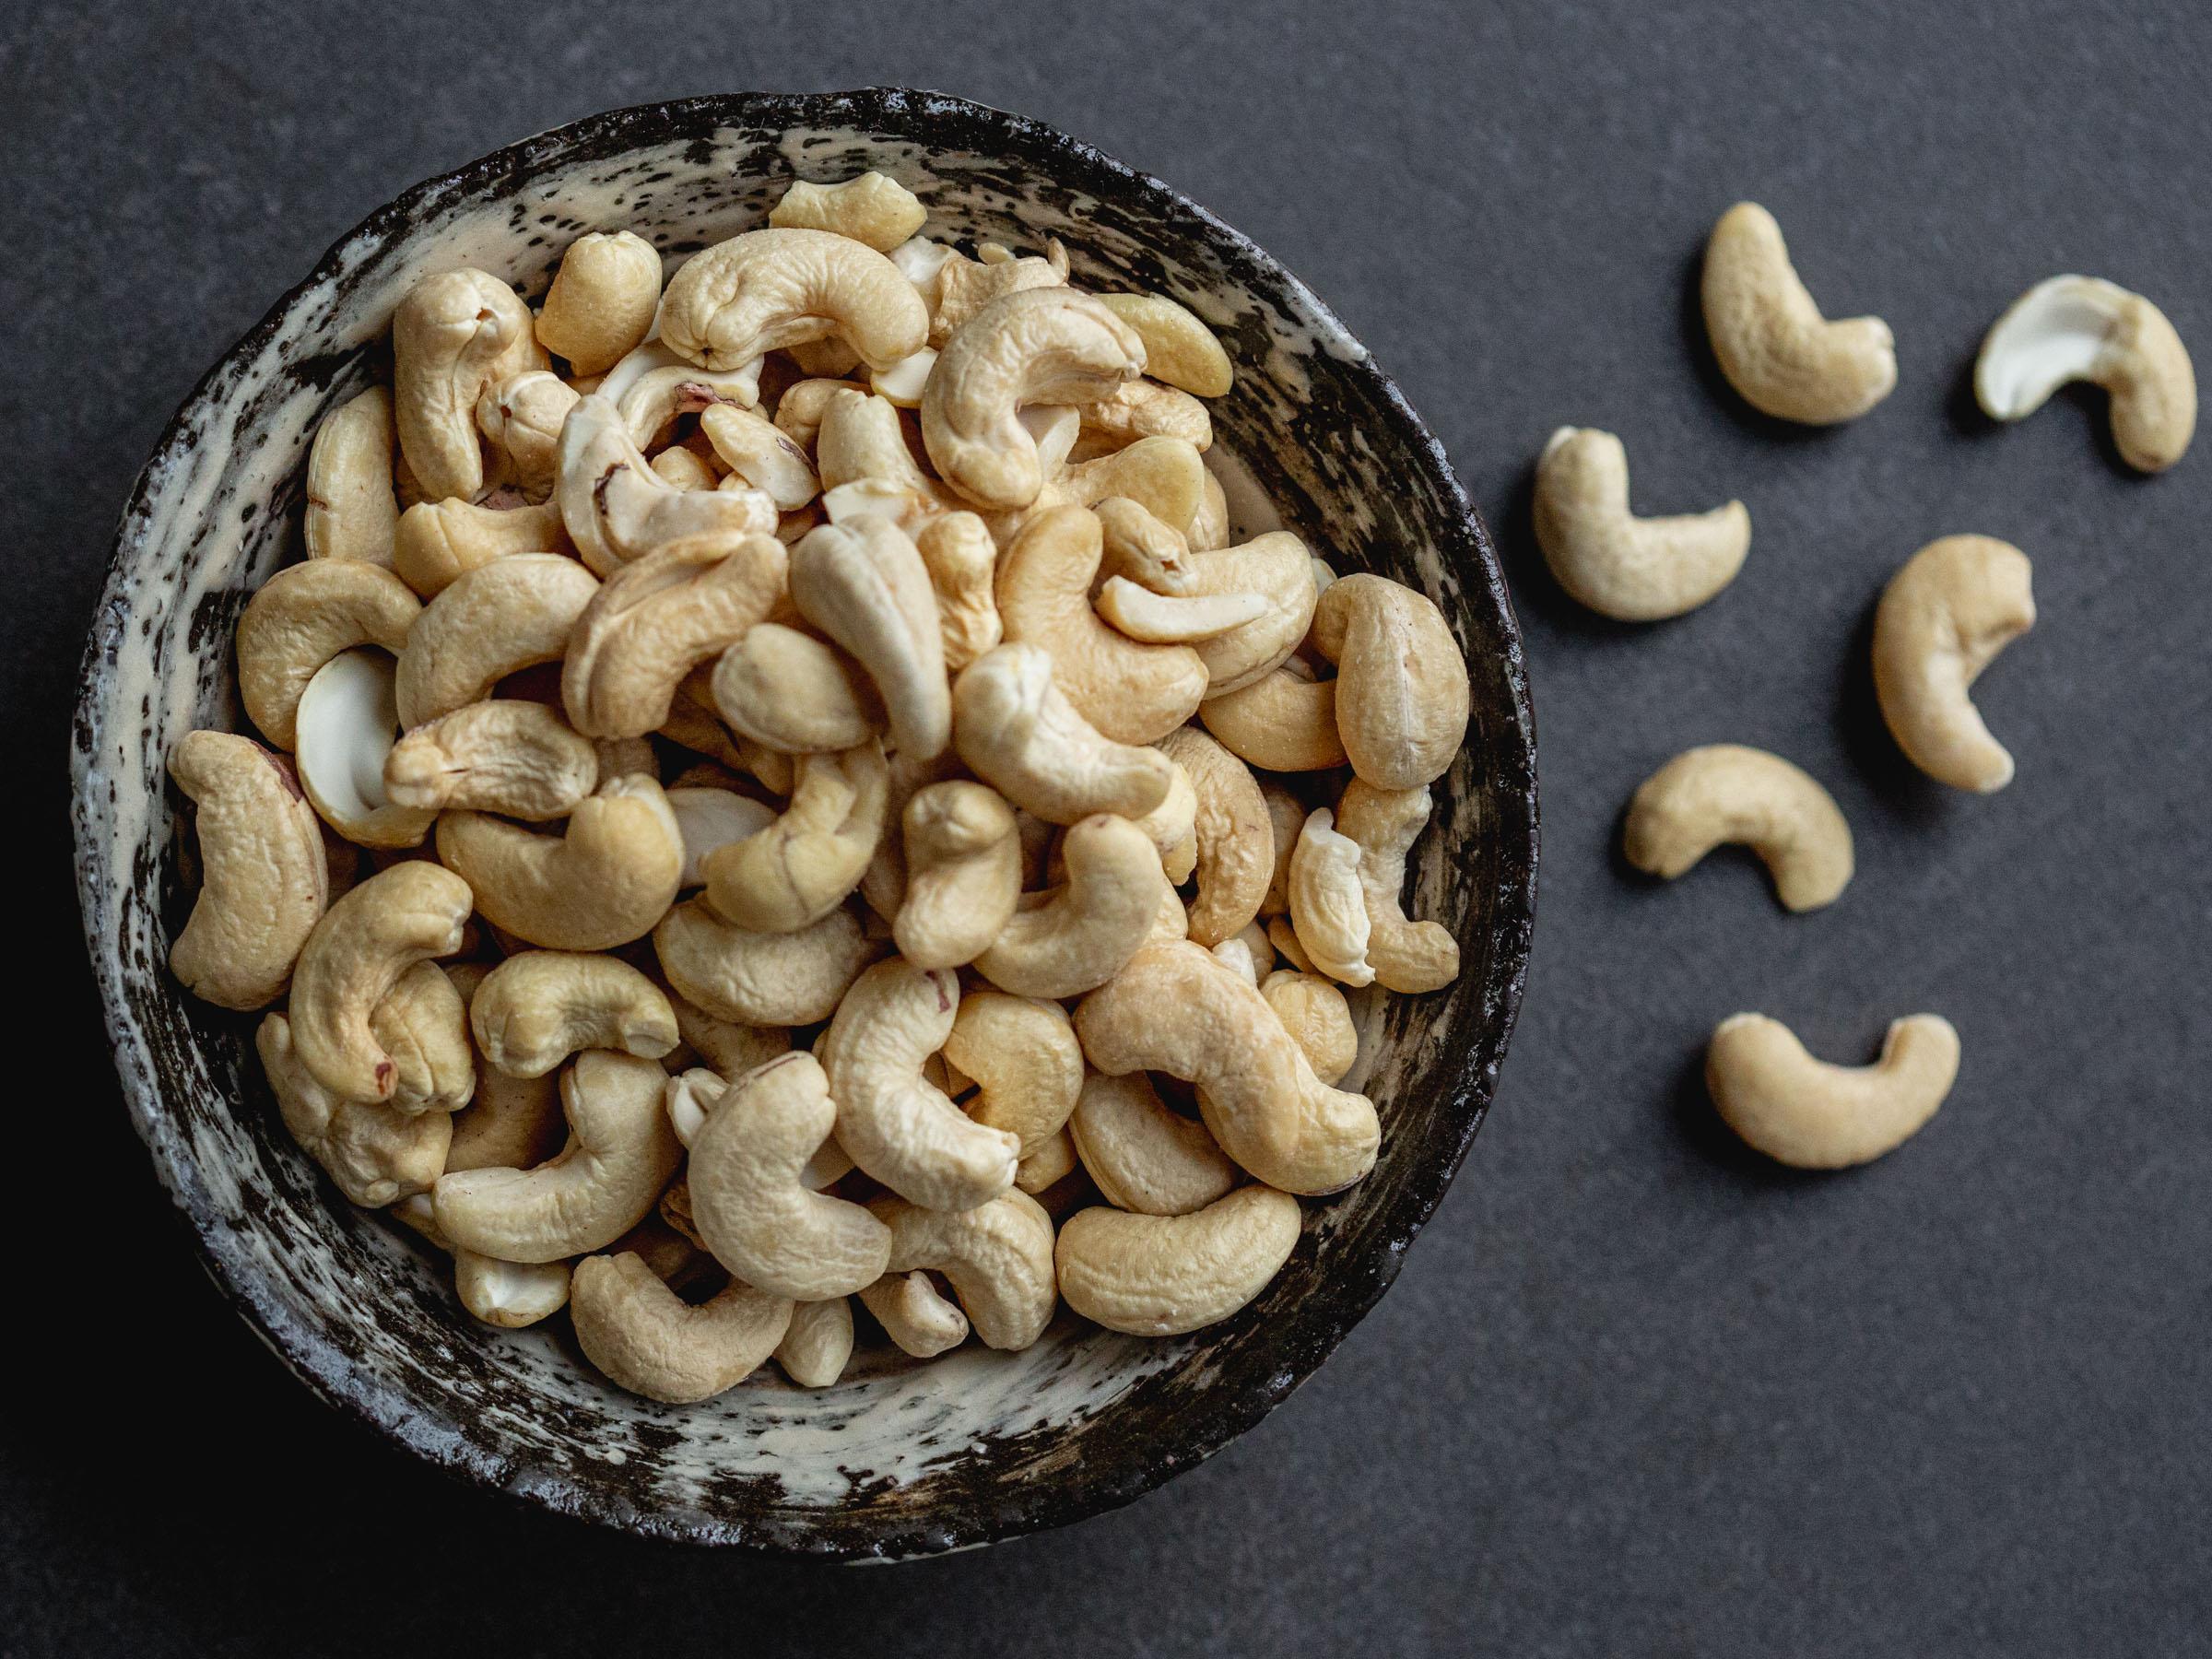 Cashews bio rohkost